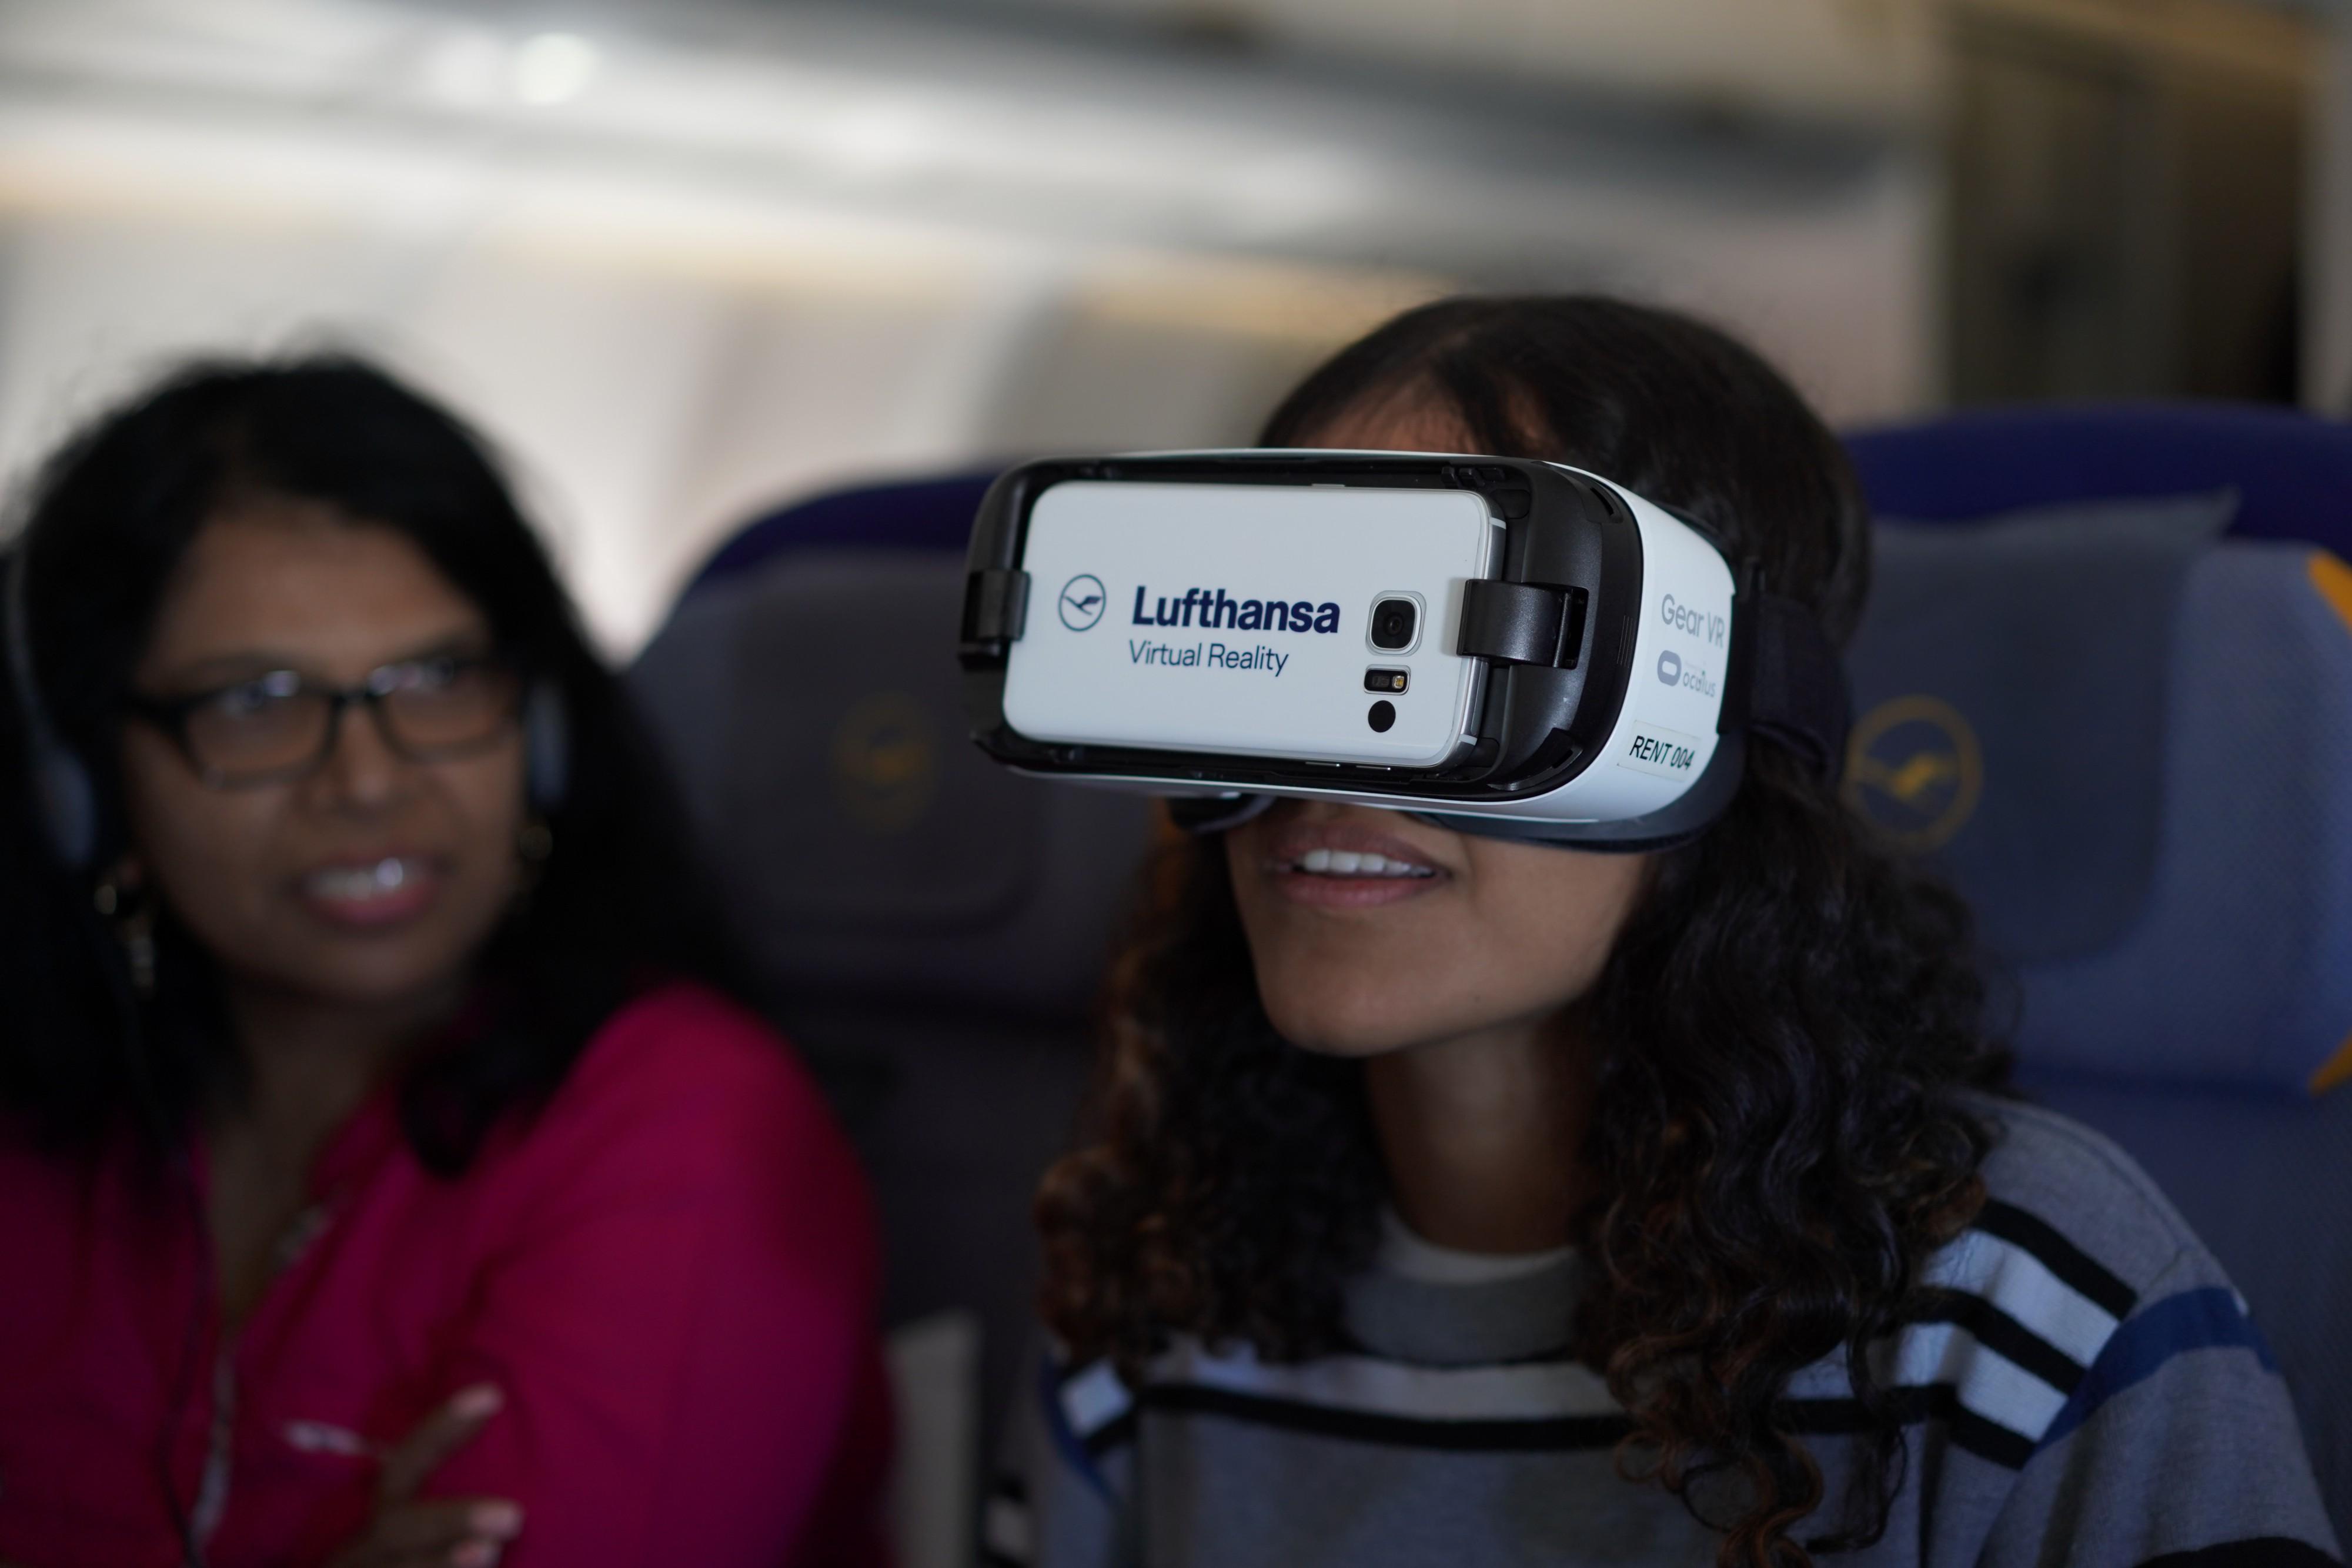 تجربة الواقع الافتراضي من لوفتهانزا